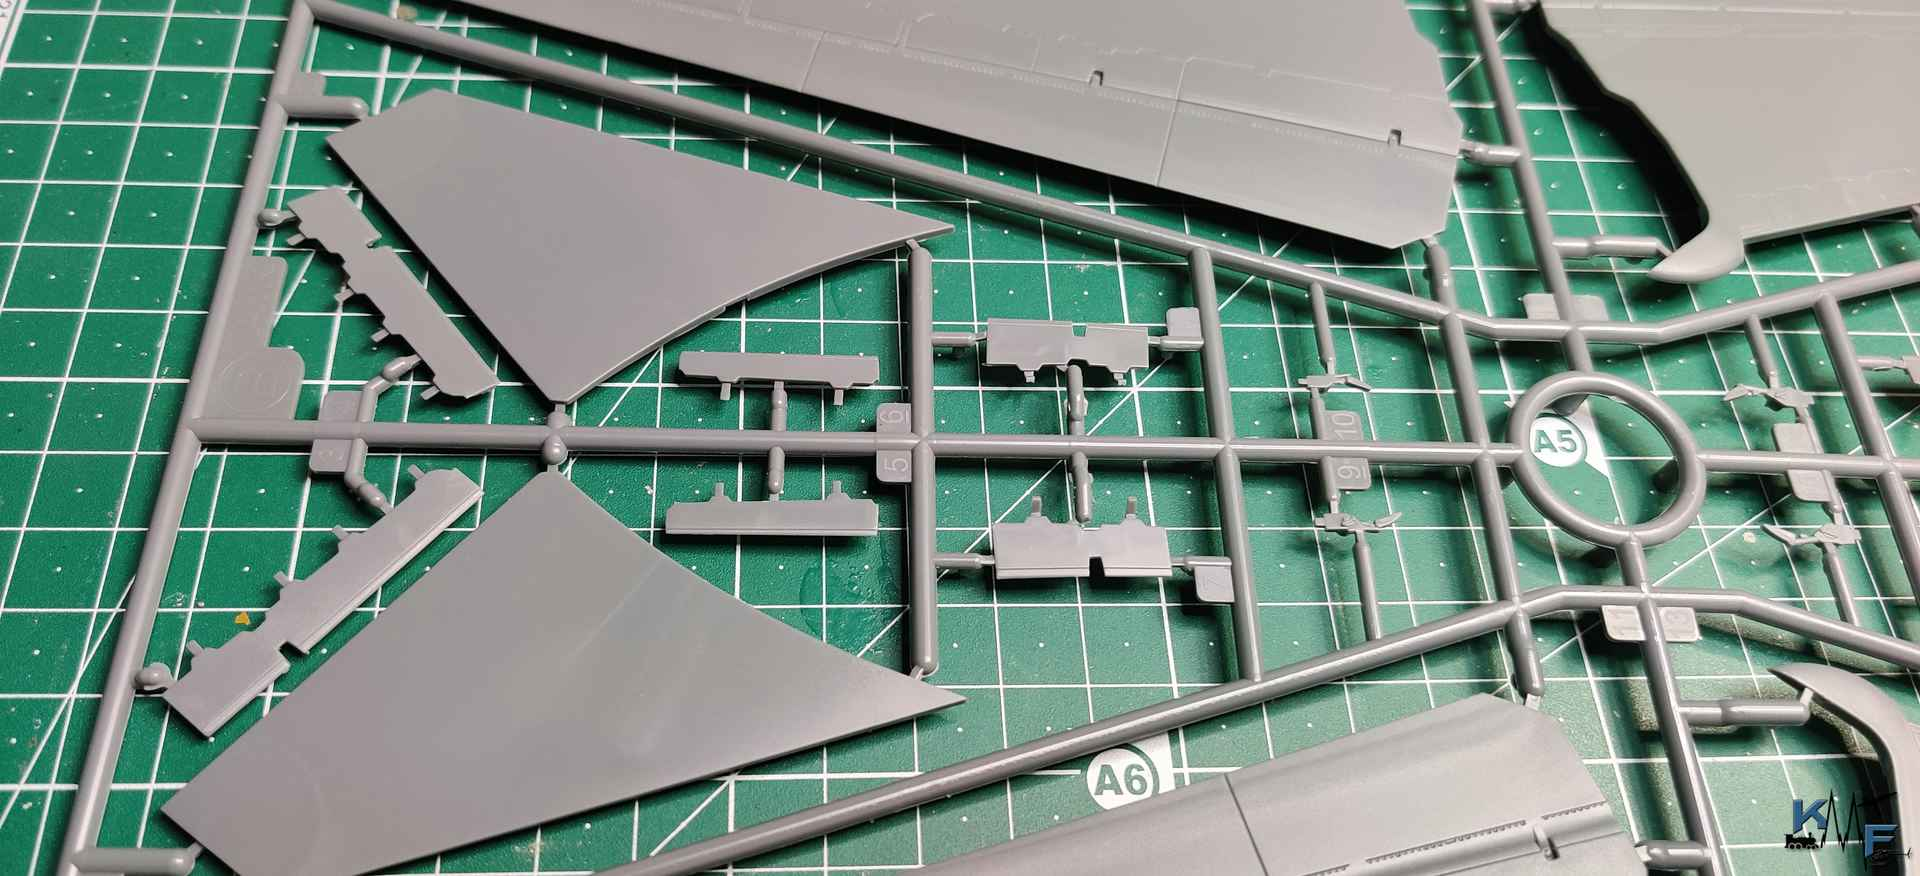 BV-AMK-F-14D_102.jpg